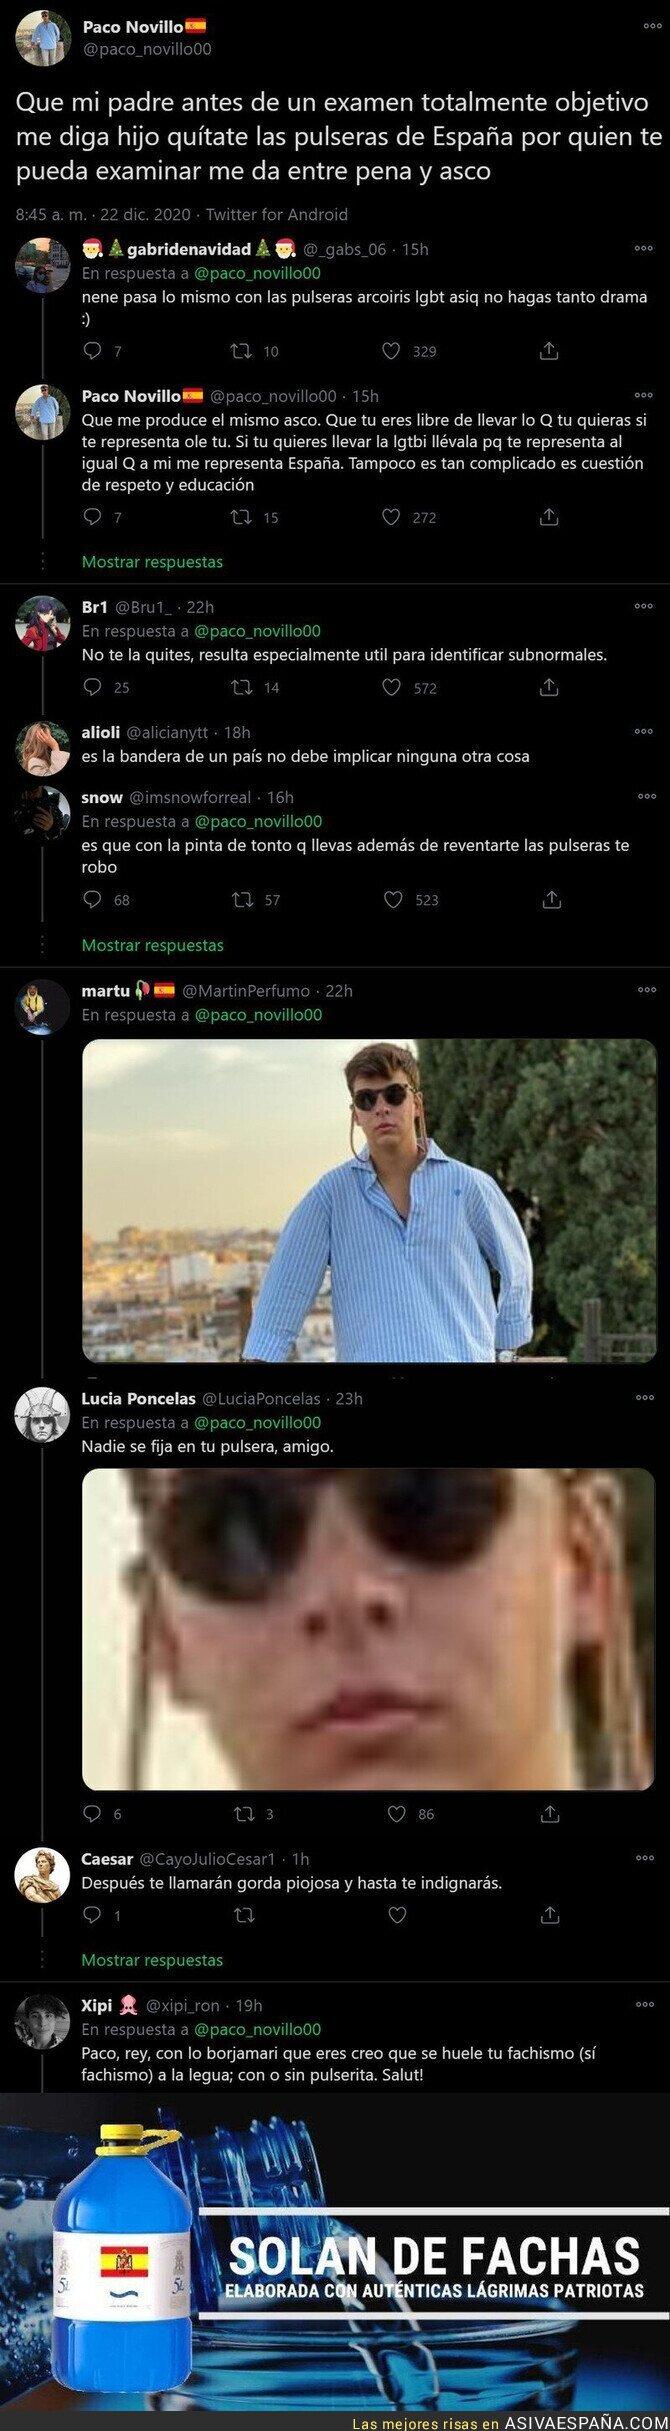 517331 - Las lágrimas de este patriota-pijo español porque su padre le ha recomendado quitarse la pulsera de España en la escuela